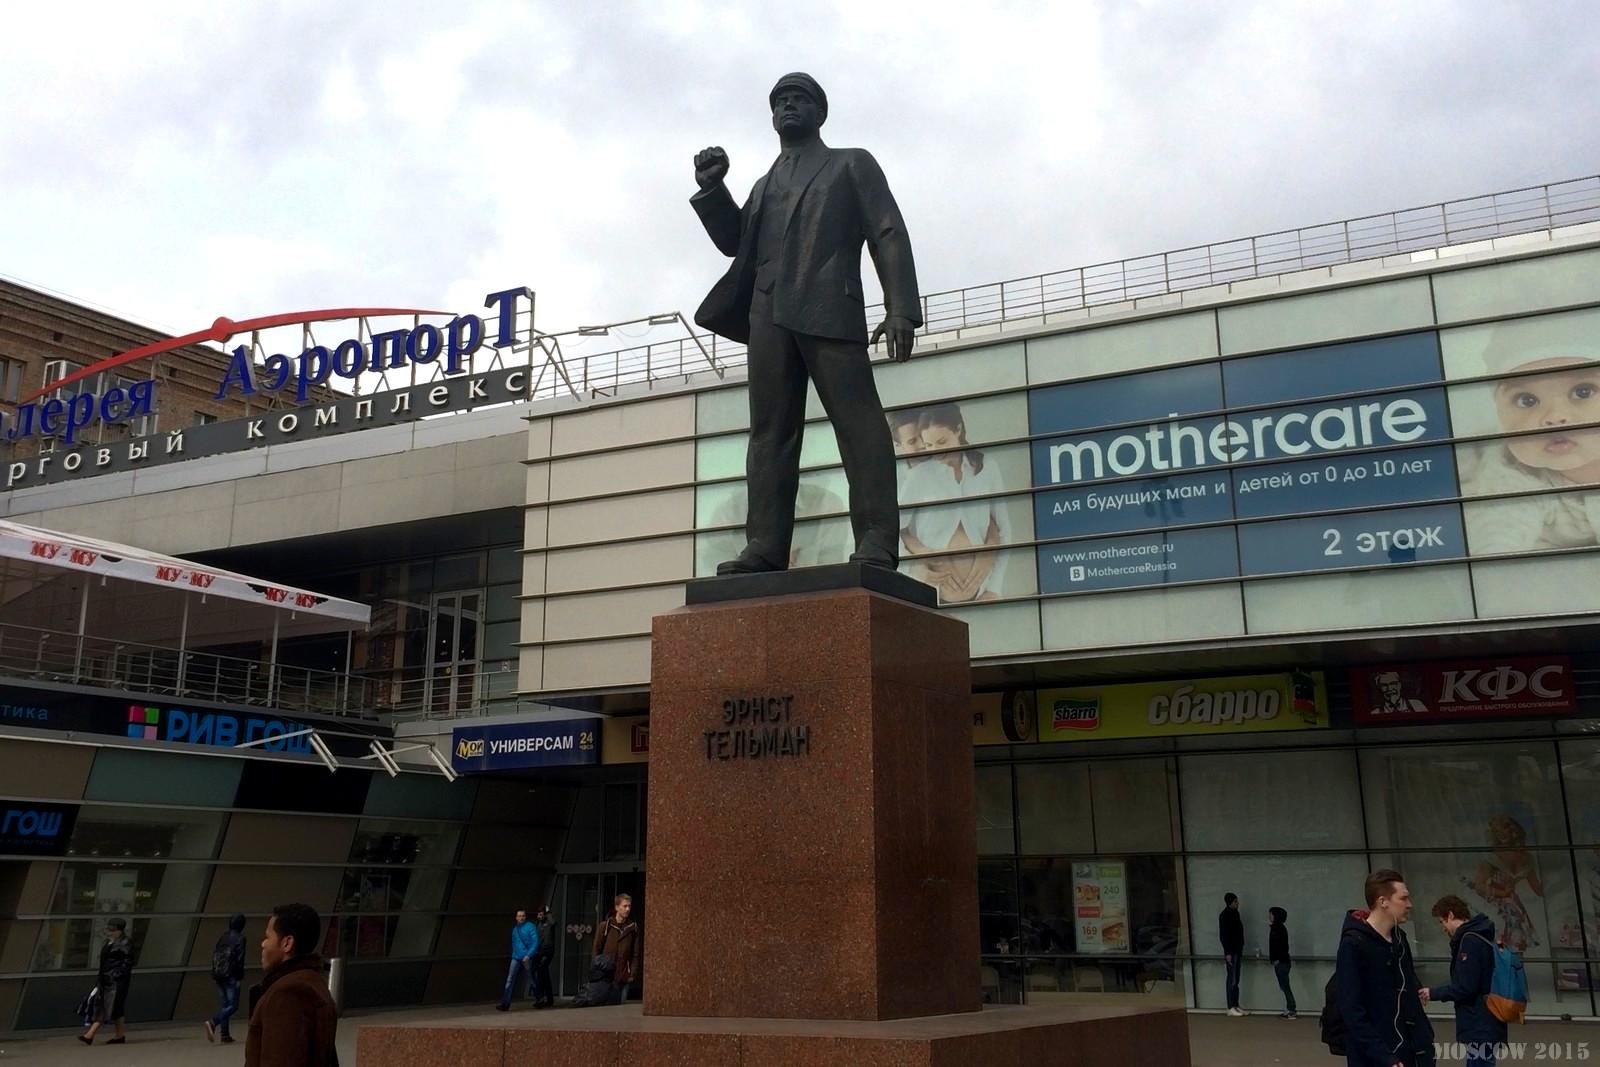 Памятник Э.Тельману, м. Сокол, Москва